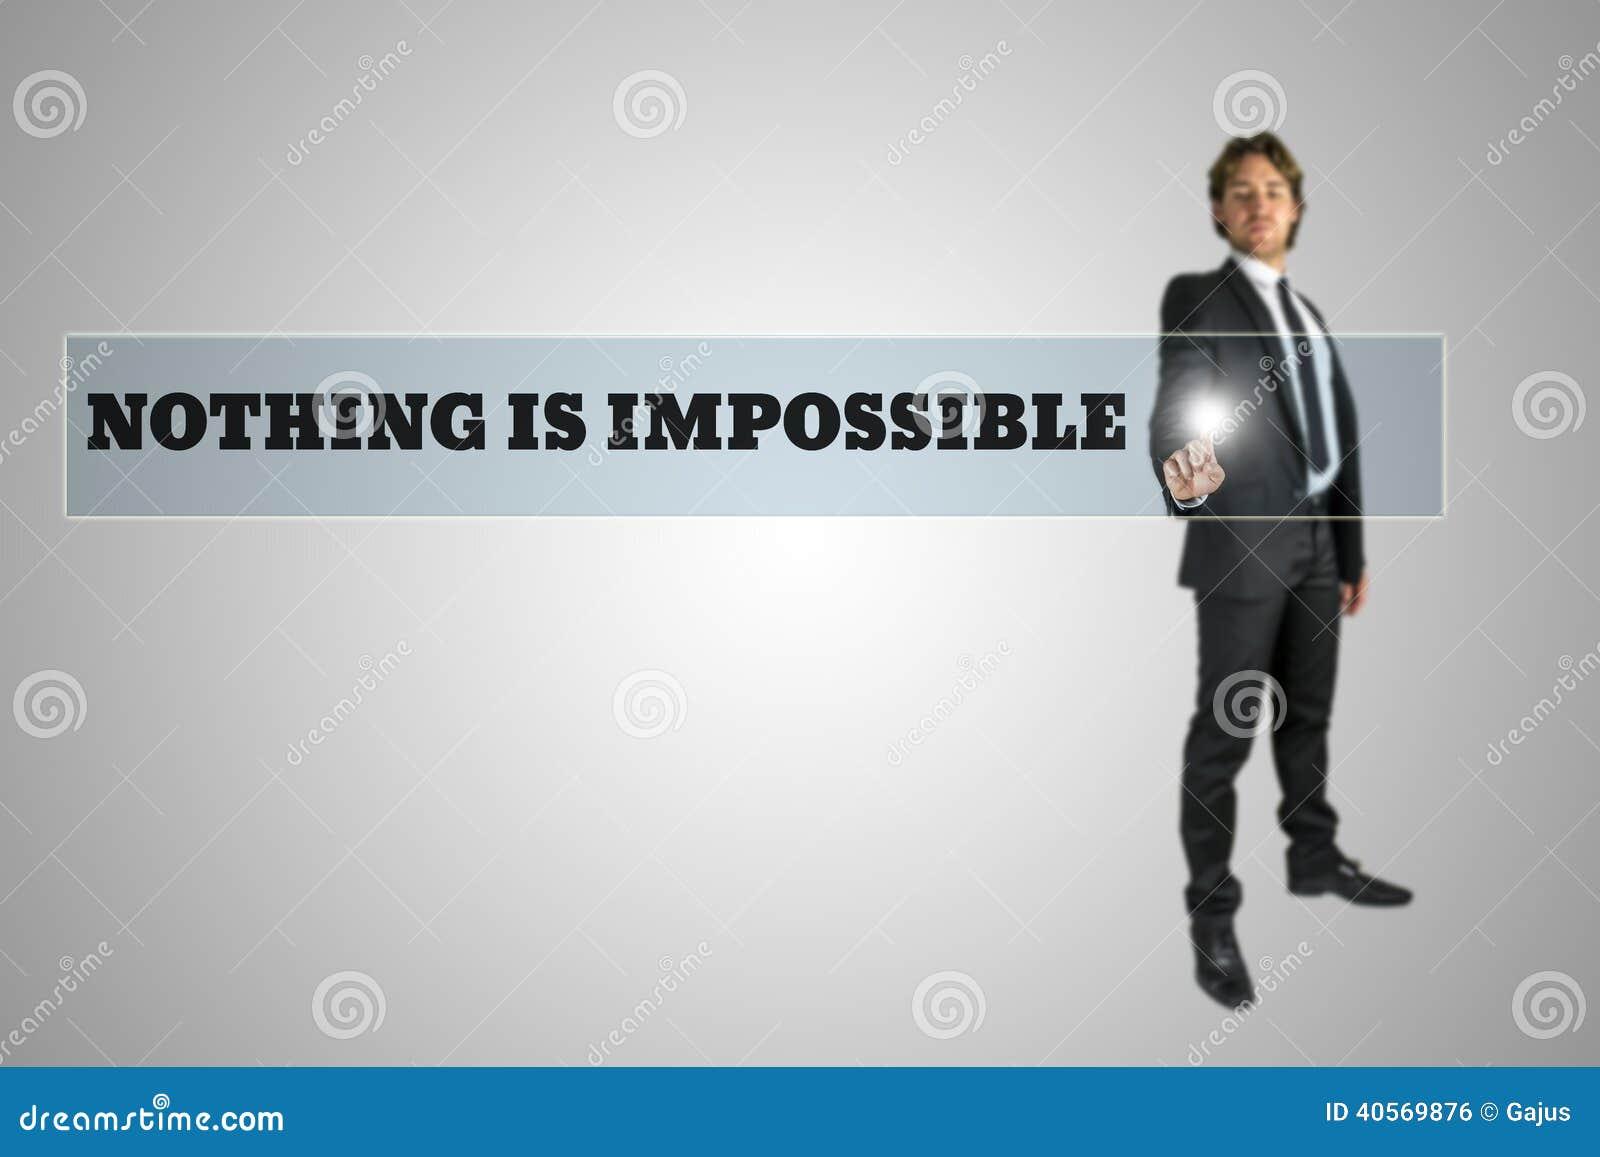 Niets is onmogelijk